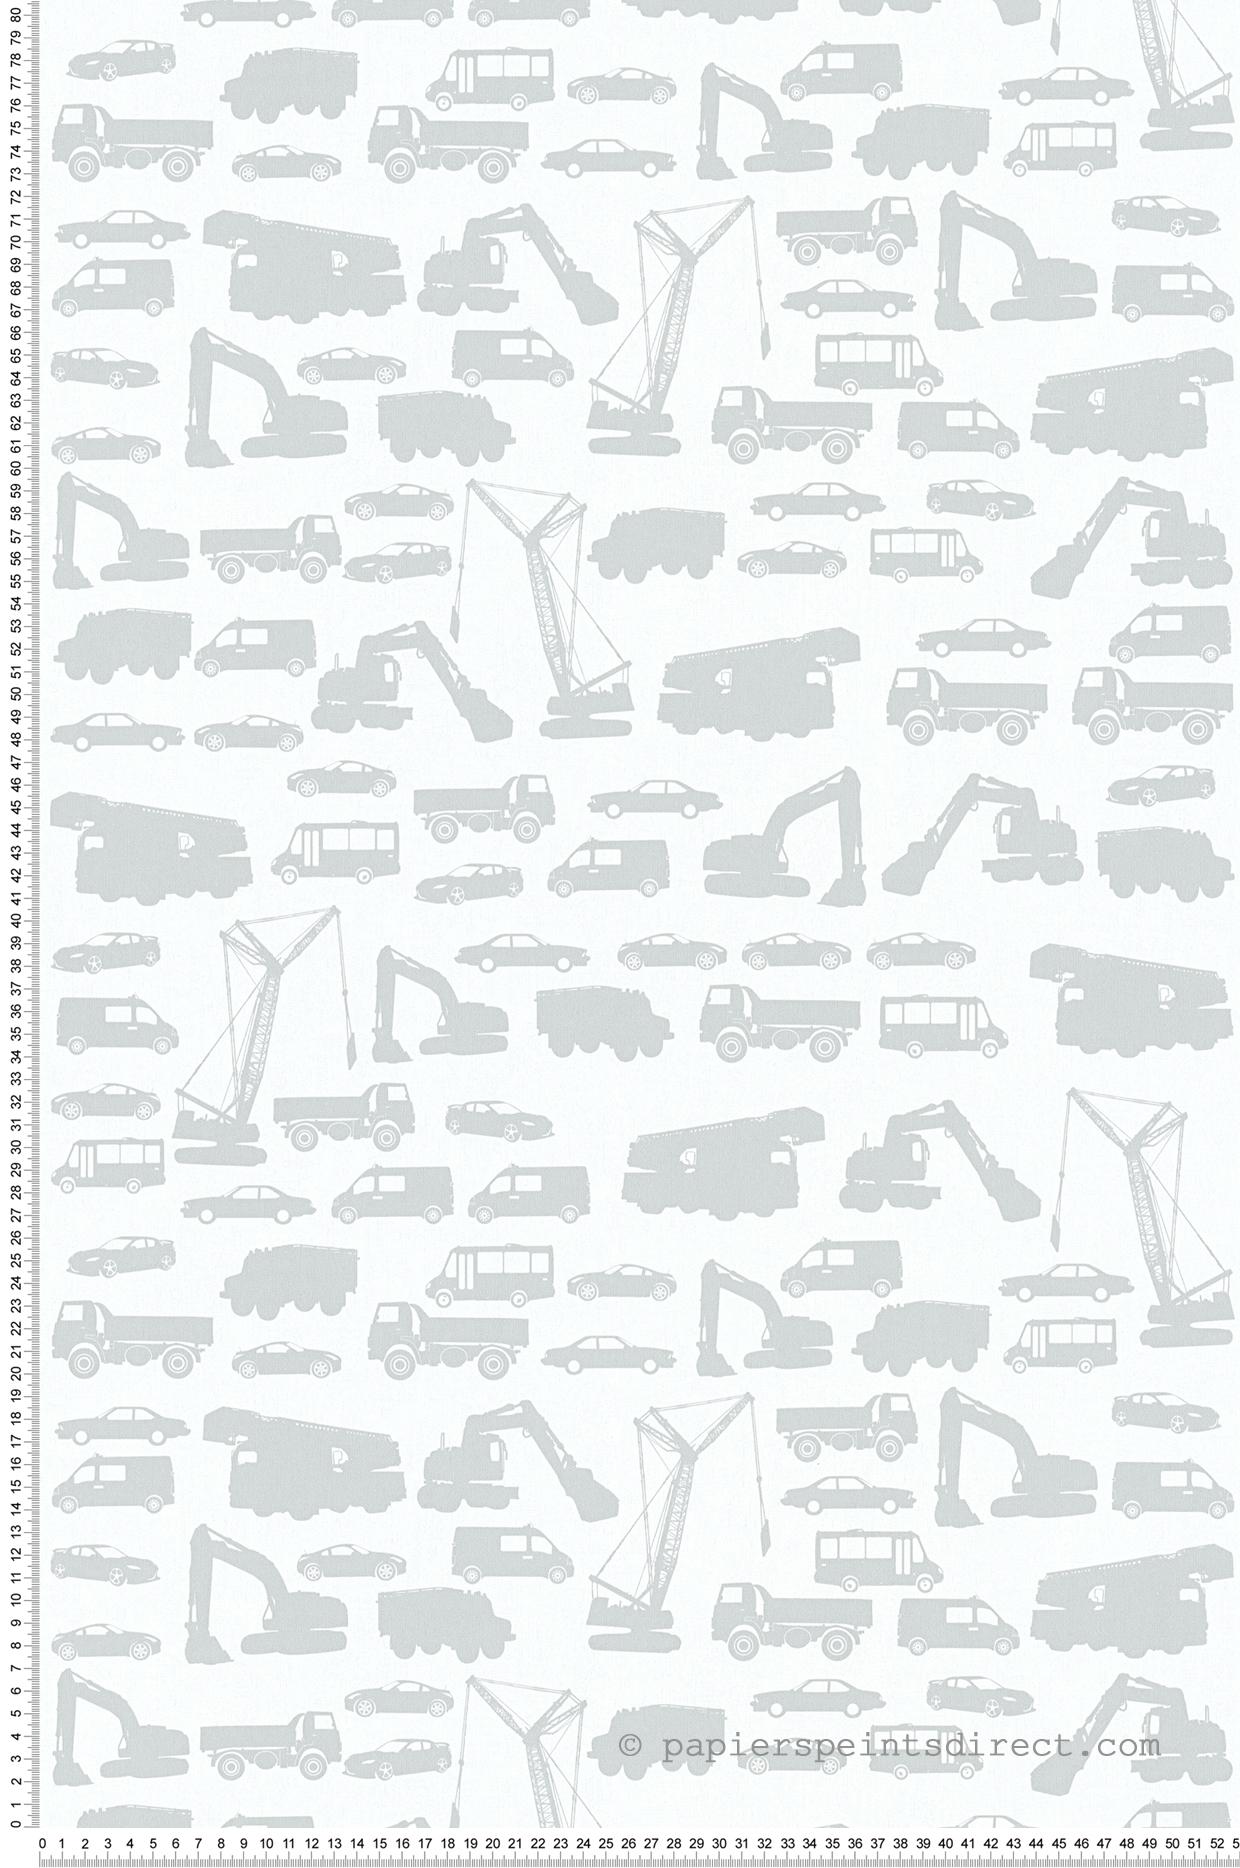 Papier peint véhicules de chantier fond gris perle - Little Stars AS Création | Réf. SP04343